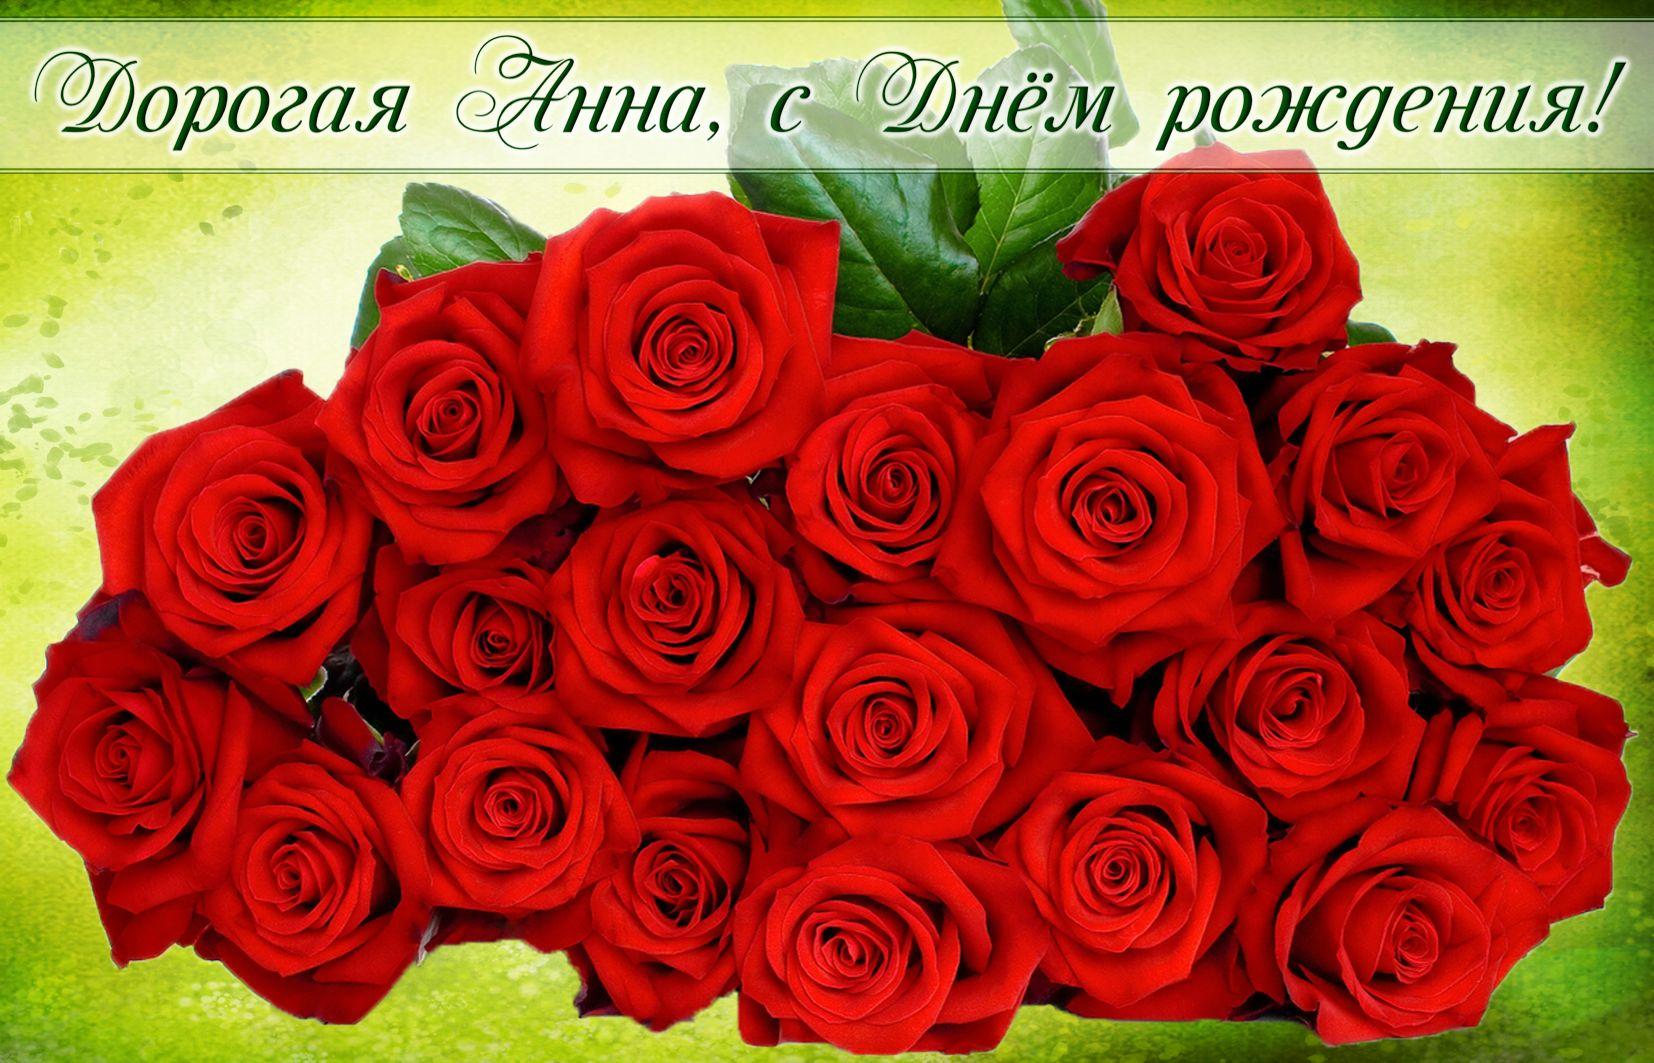 Огромный букет красных роз для Анны